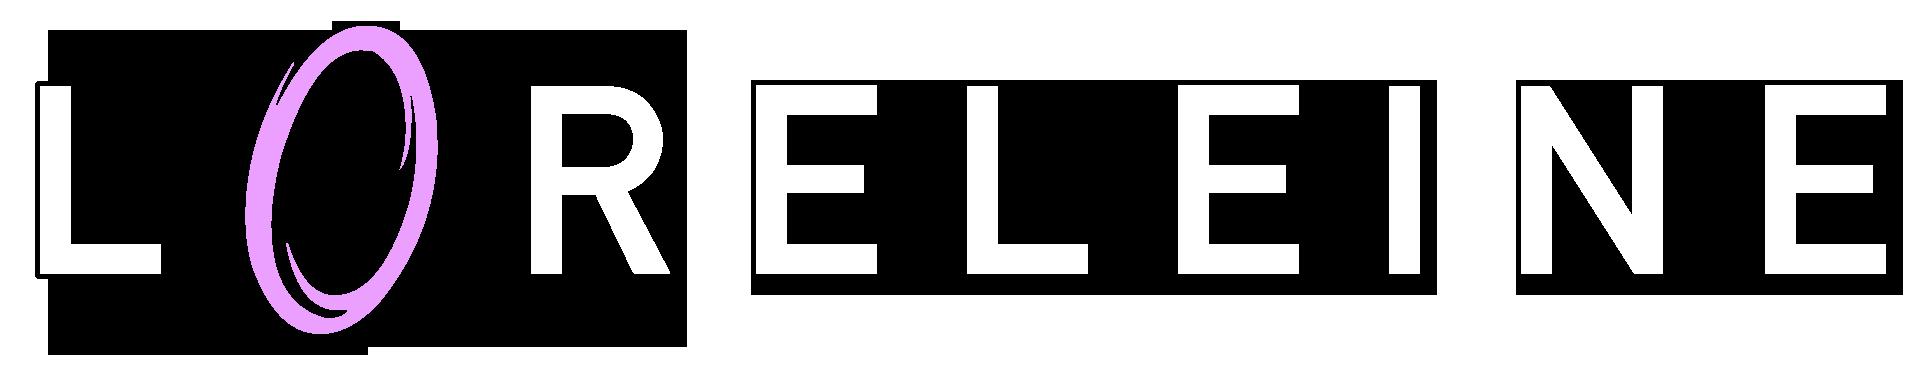 loreleine logo w shade cut